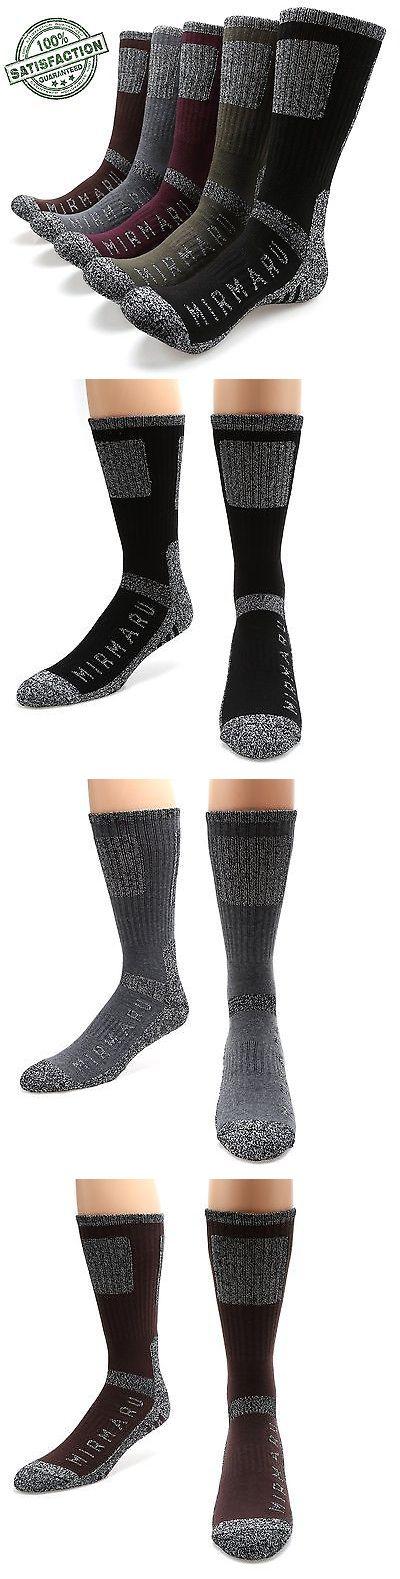 Socks 181362: Mirmaru Mens 5 Pairs Multi Performance Outdoor Sport Hiking Trekking Crew Socks BUY IT NOW ONLY: $36.61